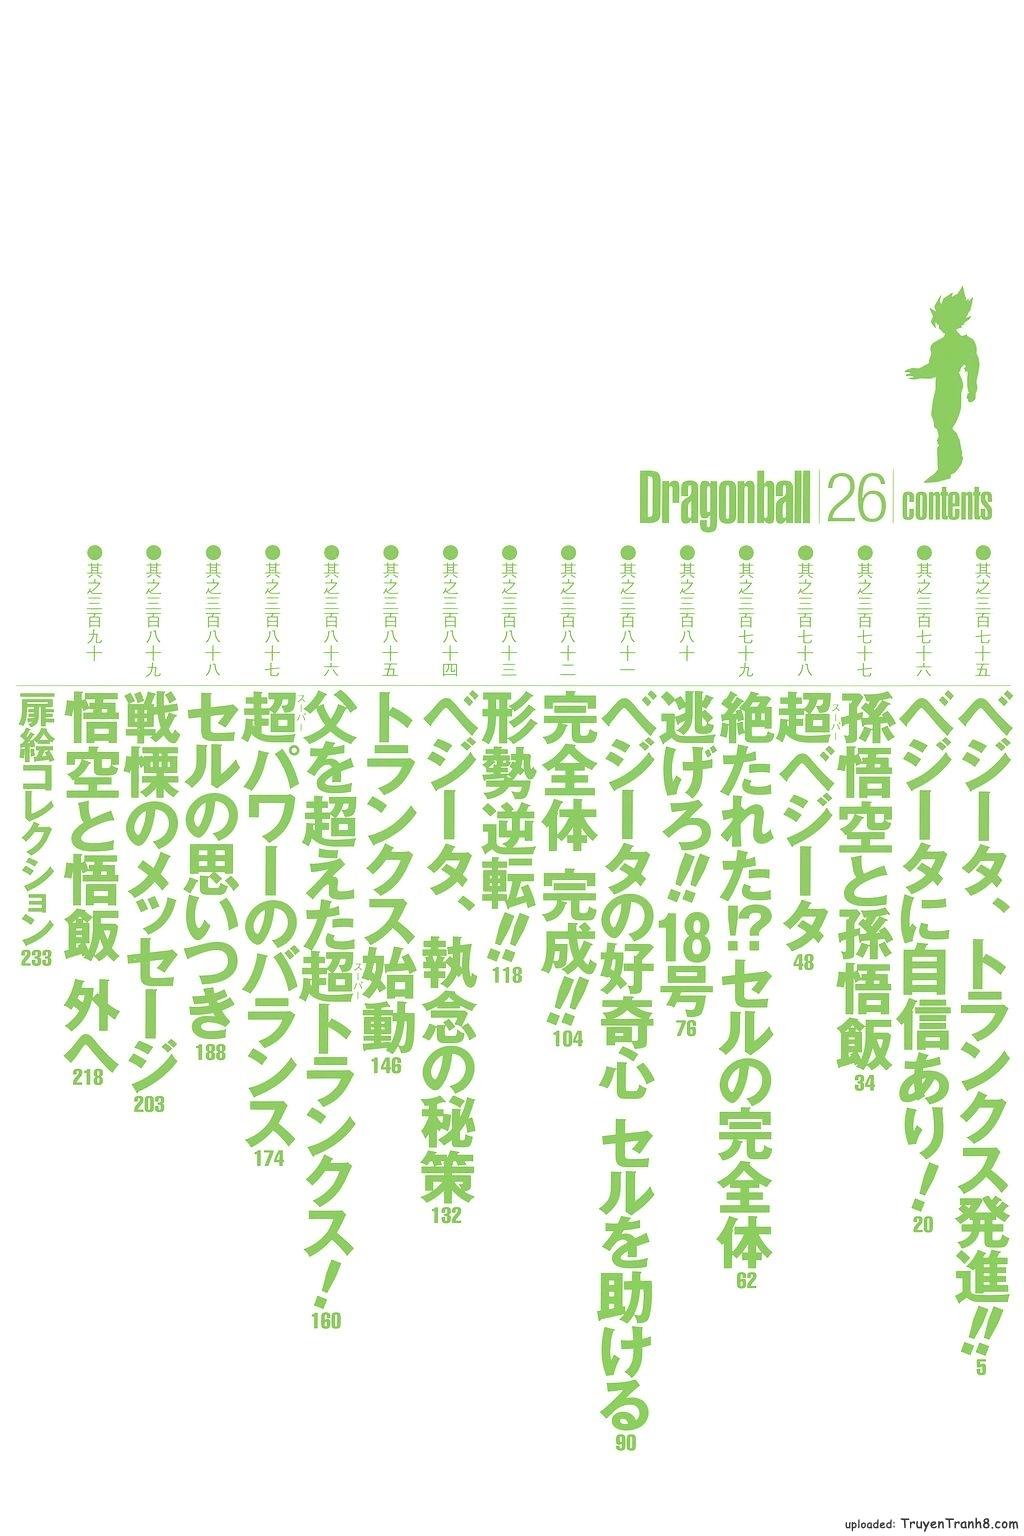 xem truyen moi - Dragon Ball Bản Vip - Bản Đẹp Nguyên Gốc Chap 375